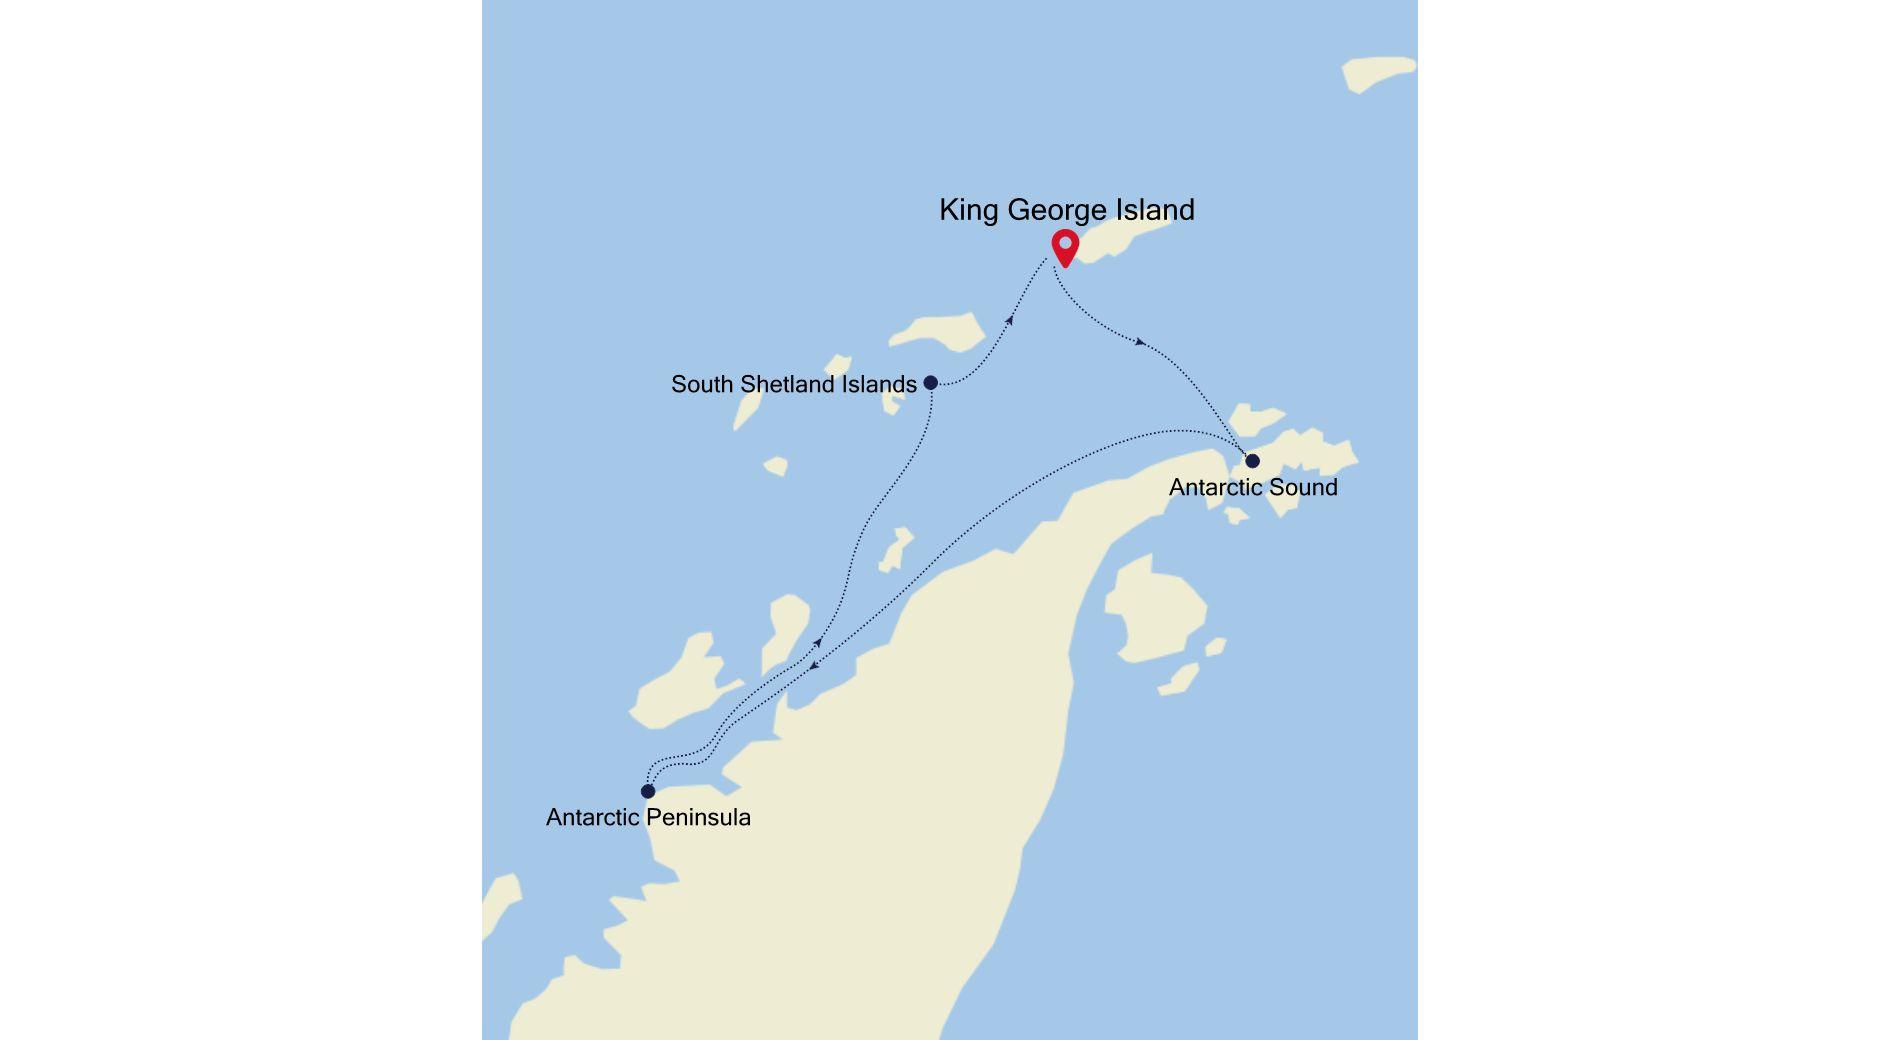 E1211217006 - King George Island à King George Island